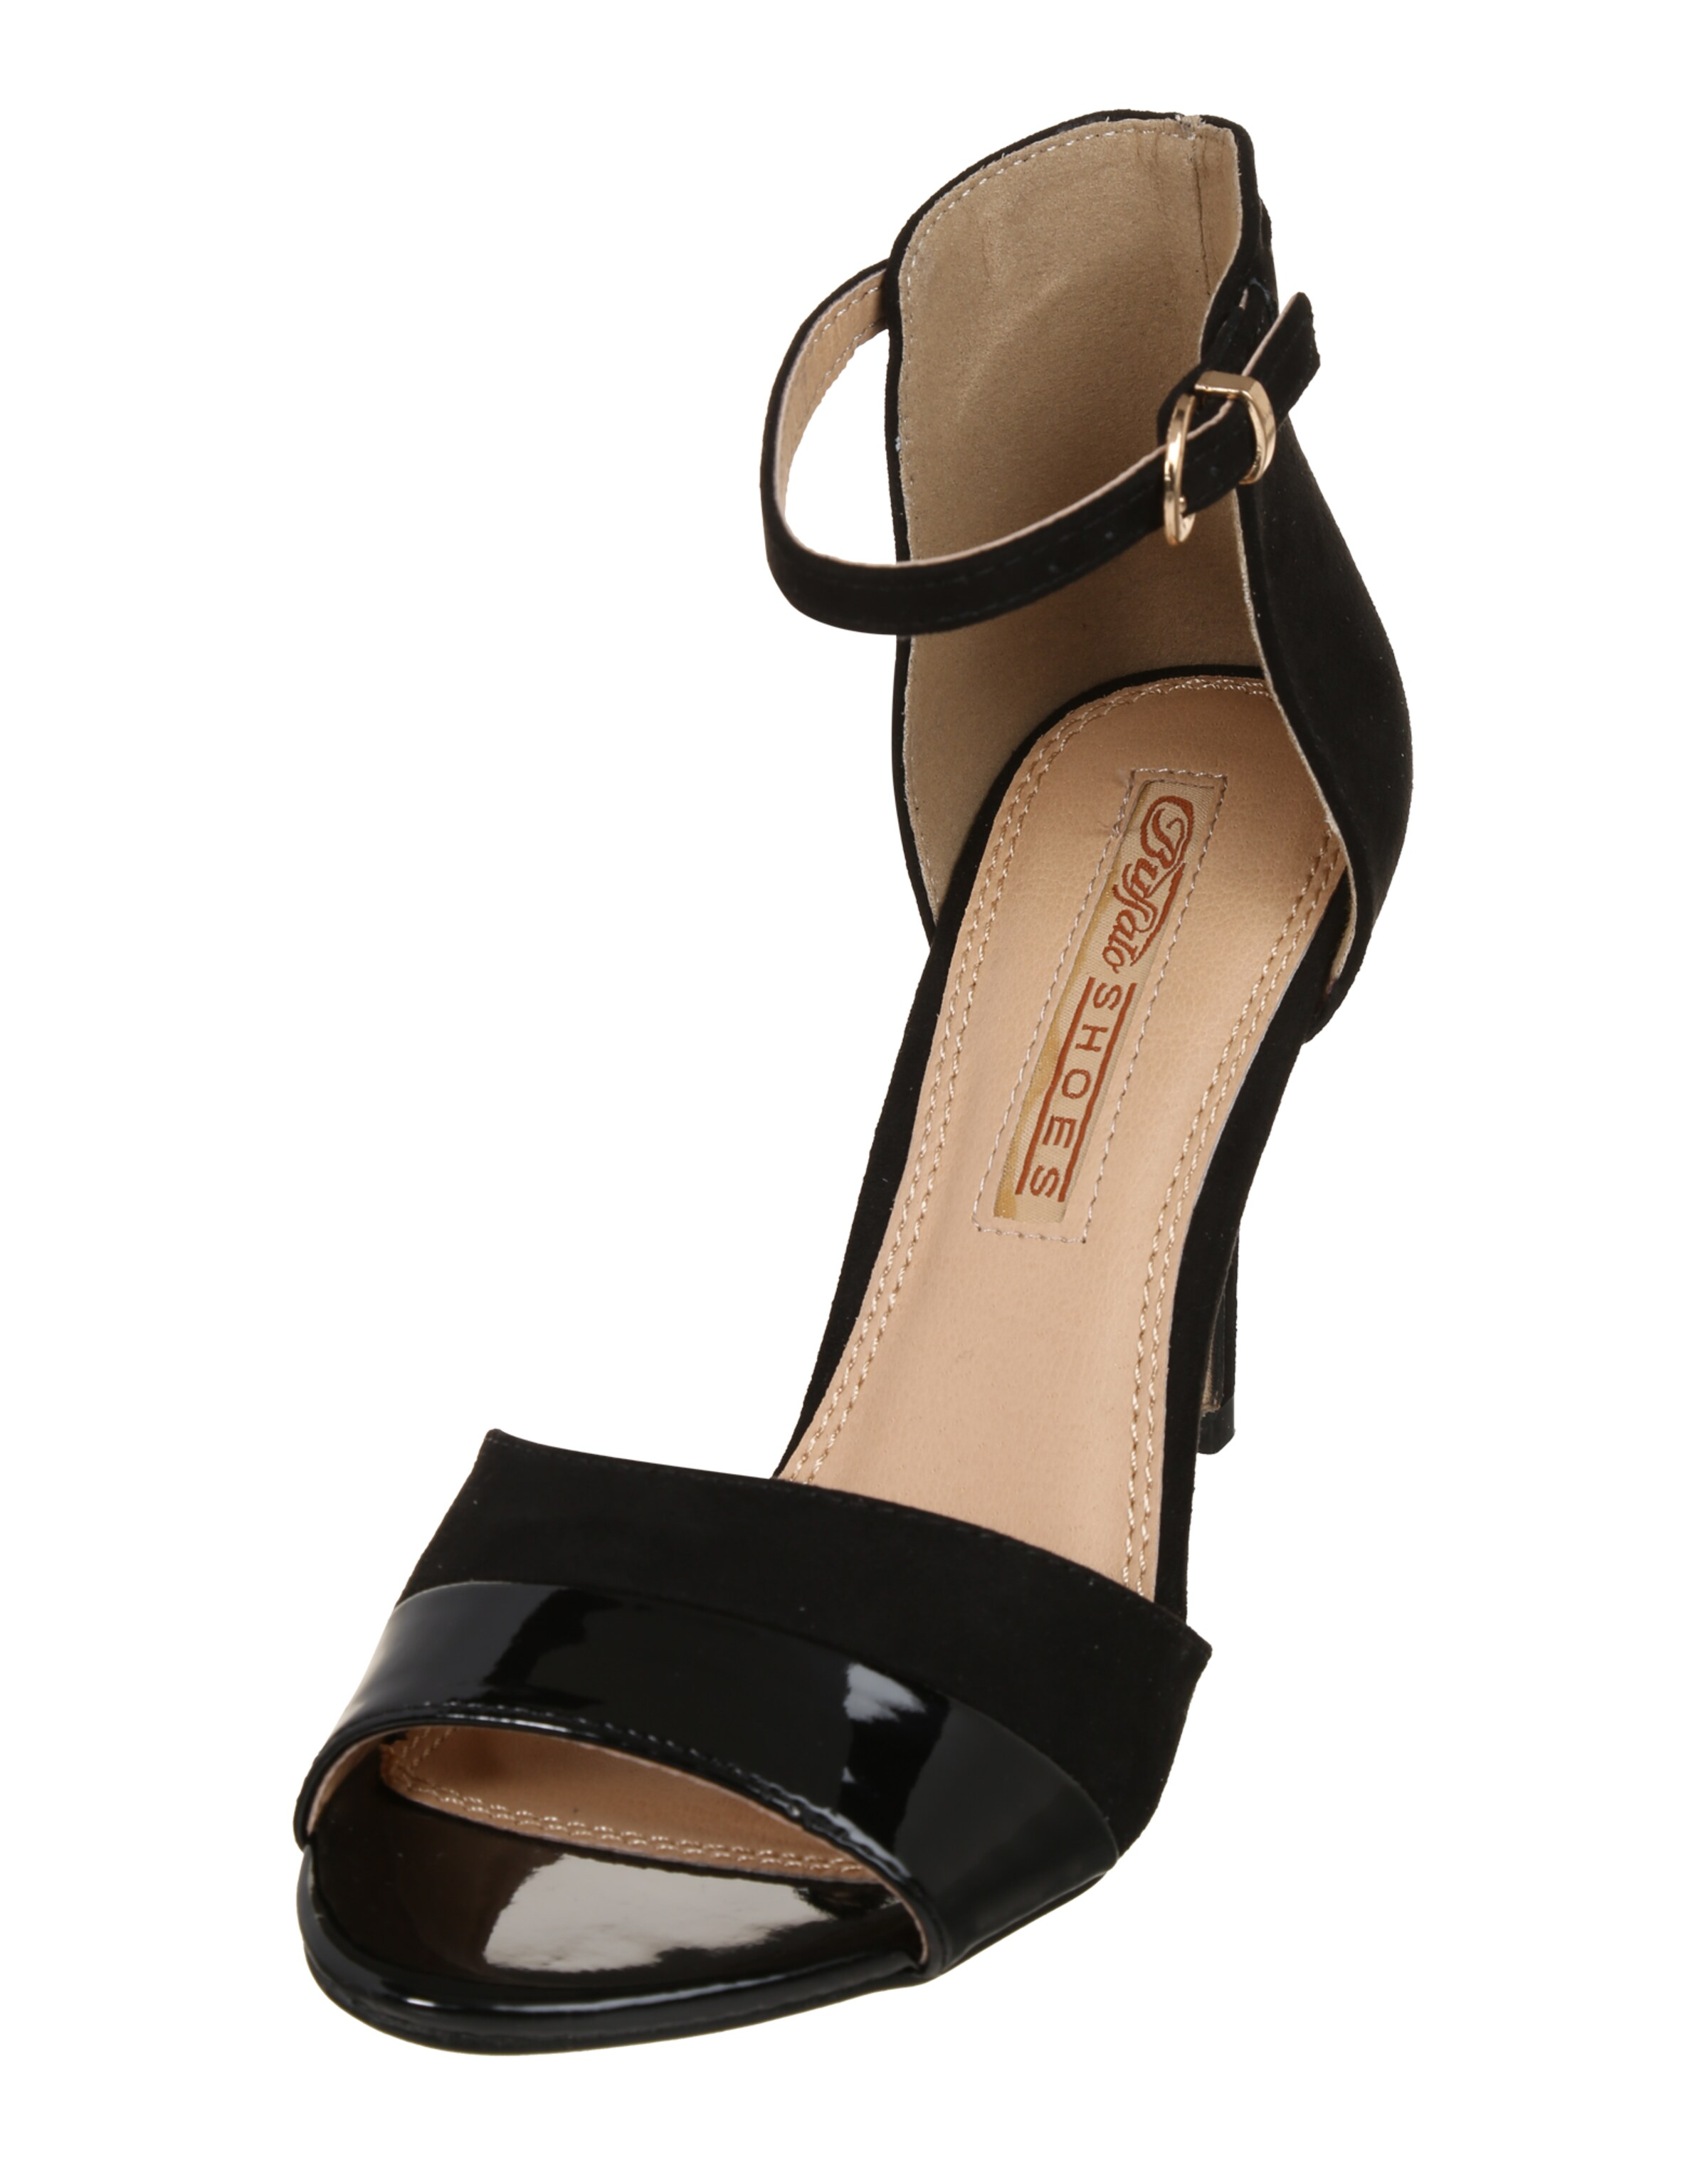 Preise Im Netz Besuch BUFFALO Sandaletten Schnelle Lieferung Online Spielraum Günstiger Preis Footlocker Abbildungen Günstig Online epg2gvzX